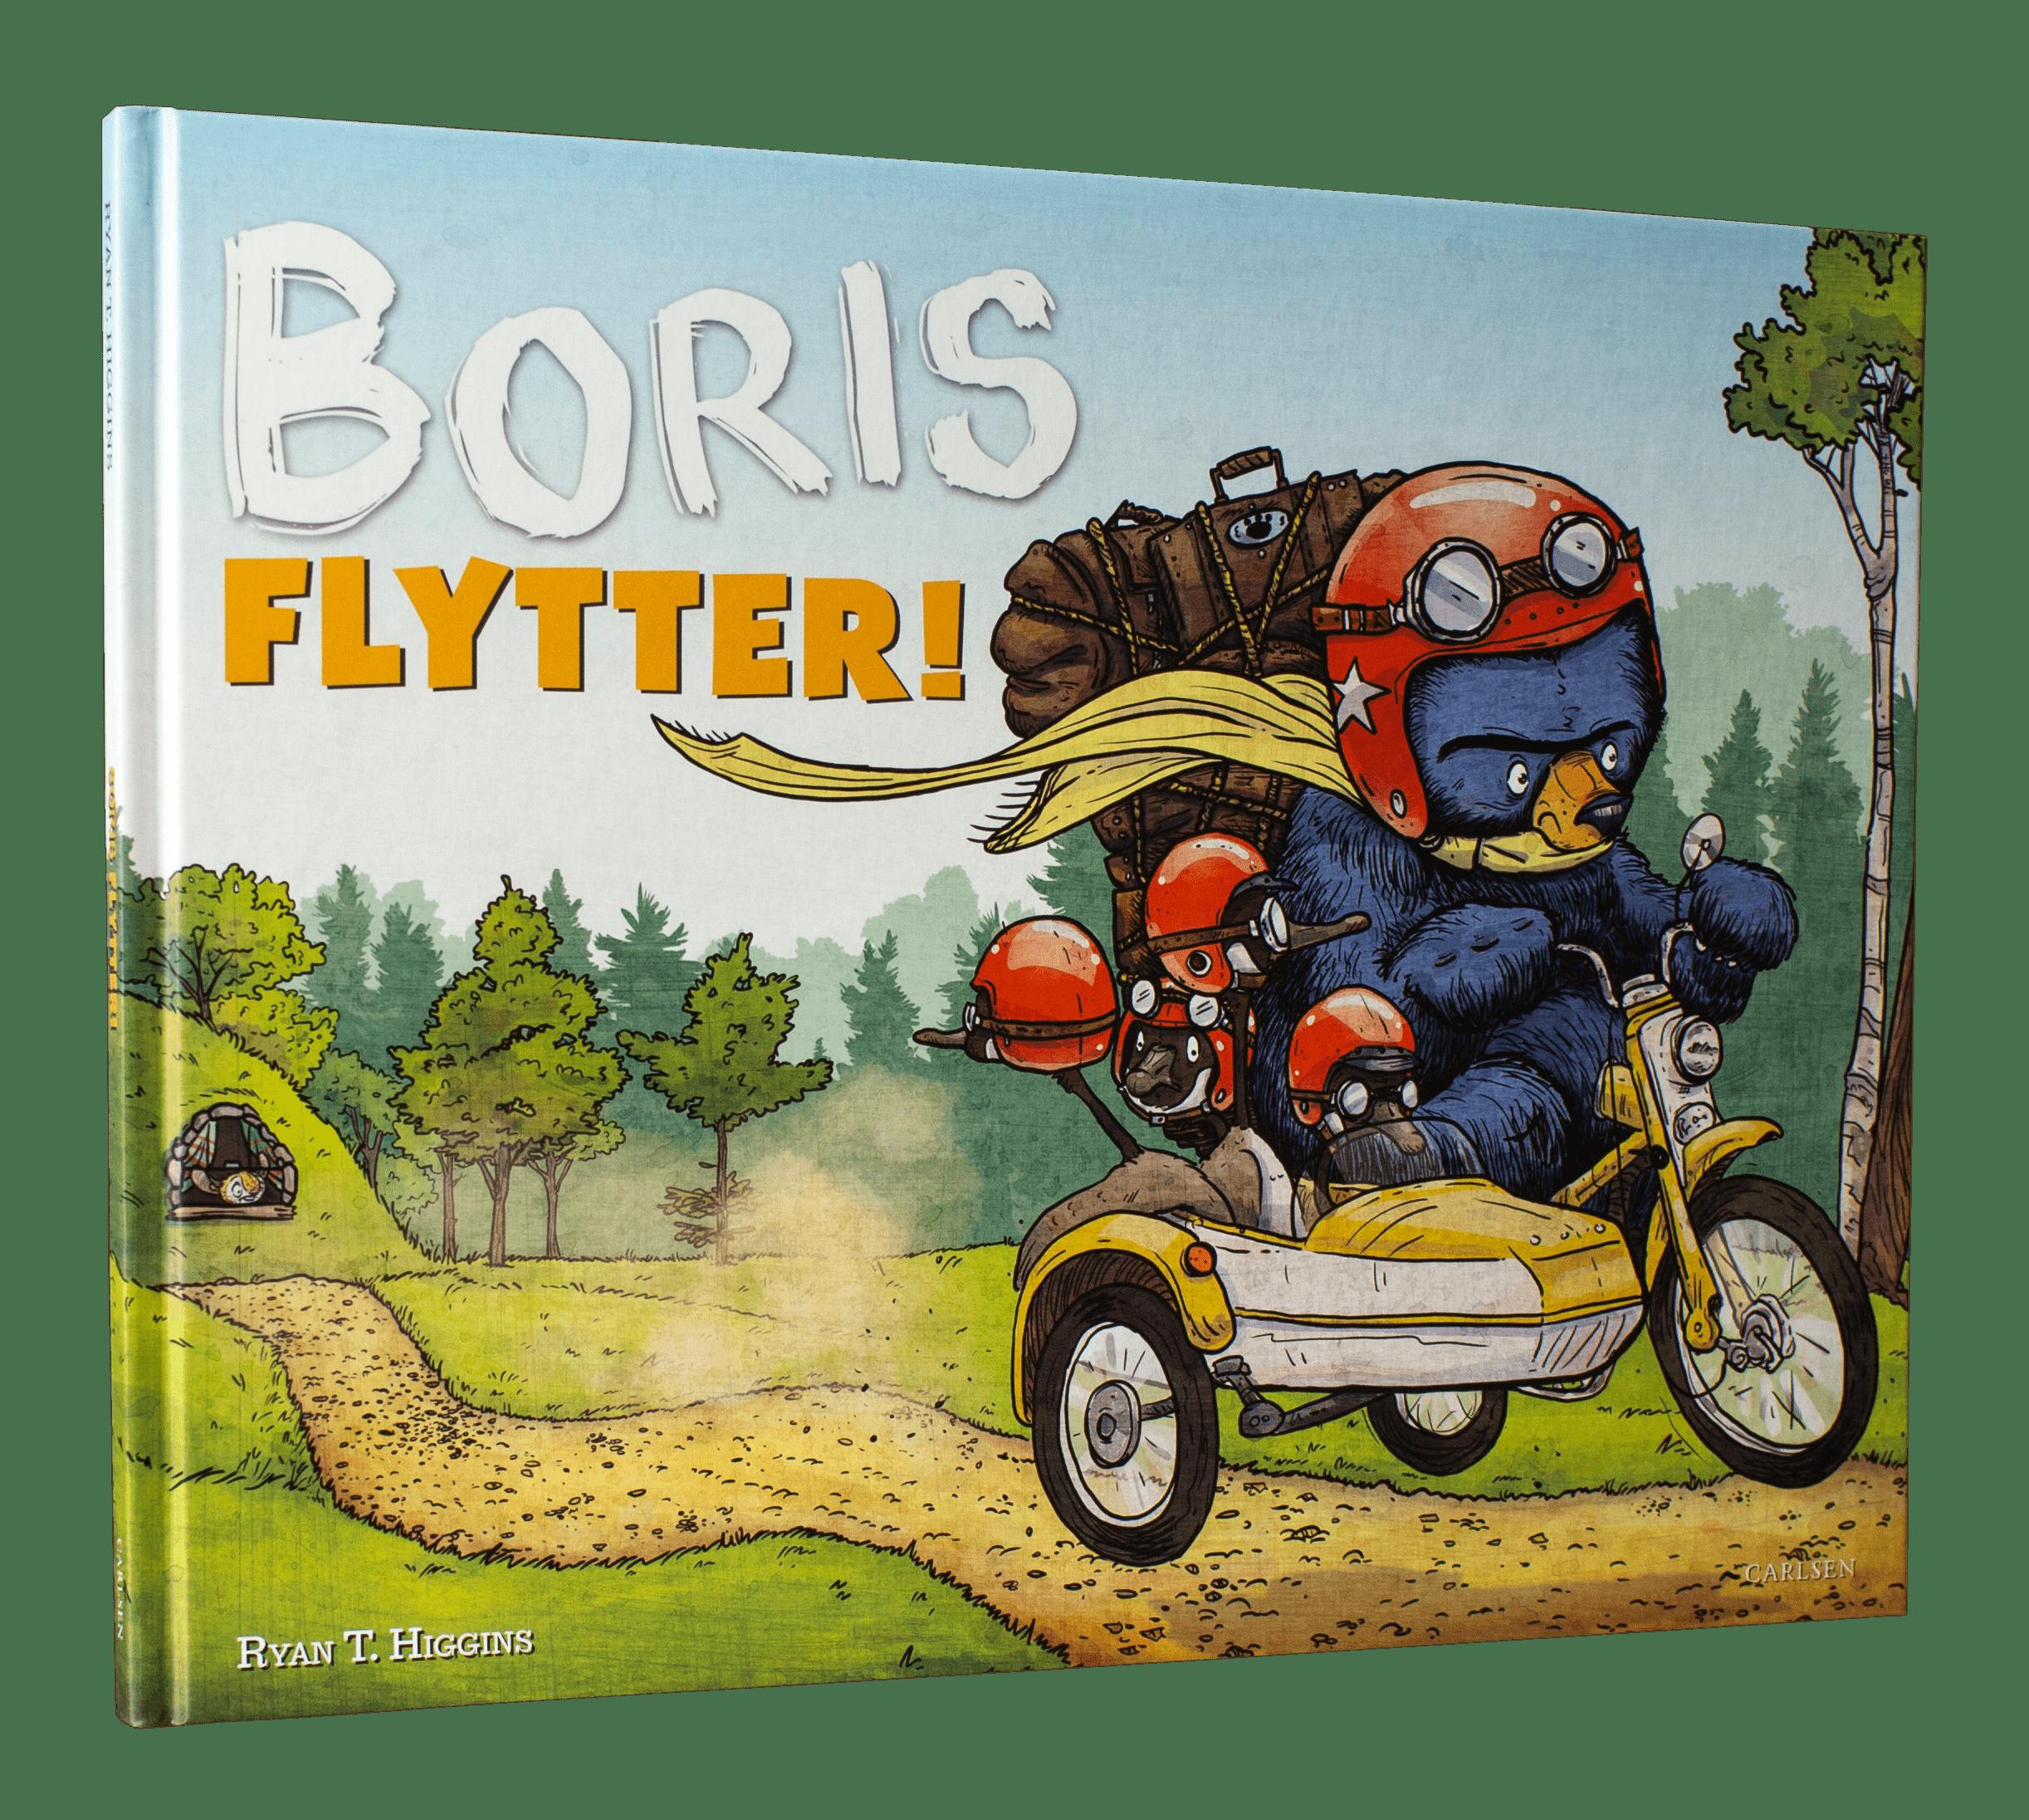 Boris flytter, boris, billedbøger, billedbog, højtlæsning, dialogisk læsning, ryan t. higgins